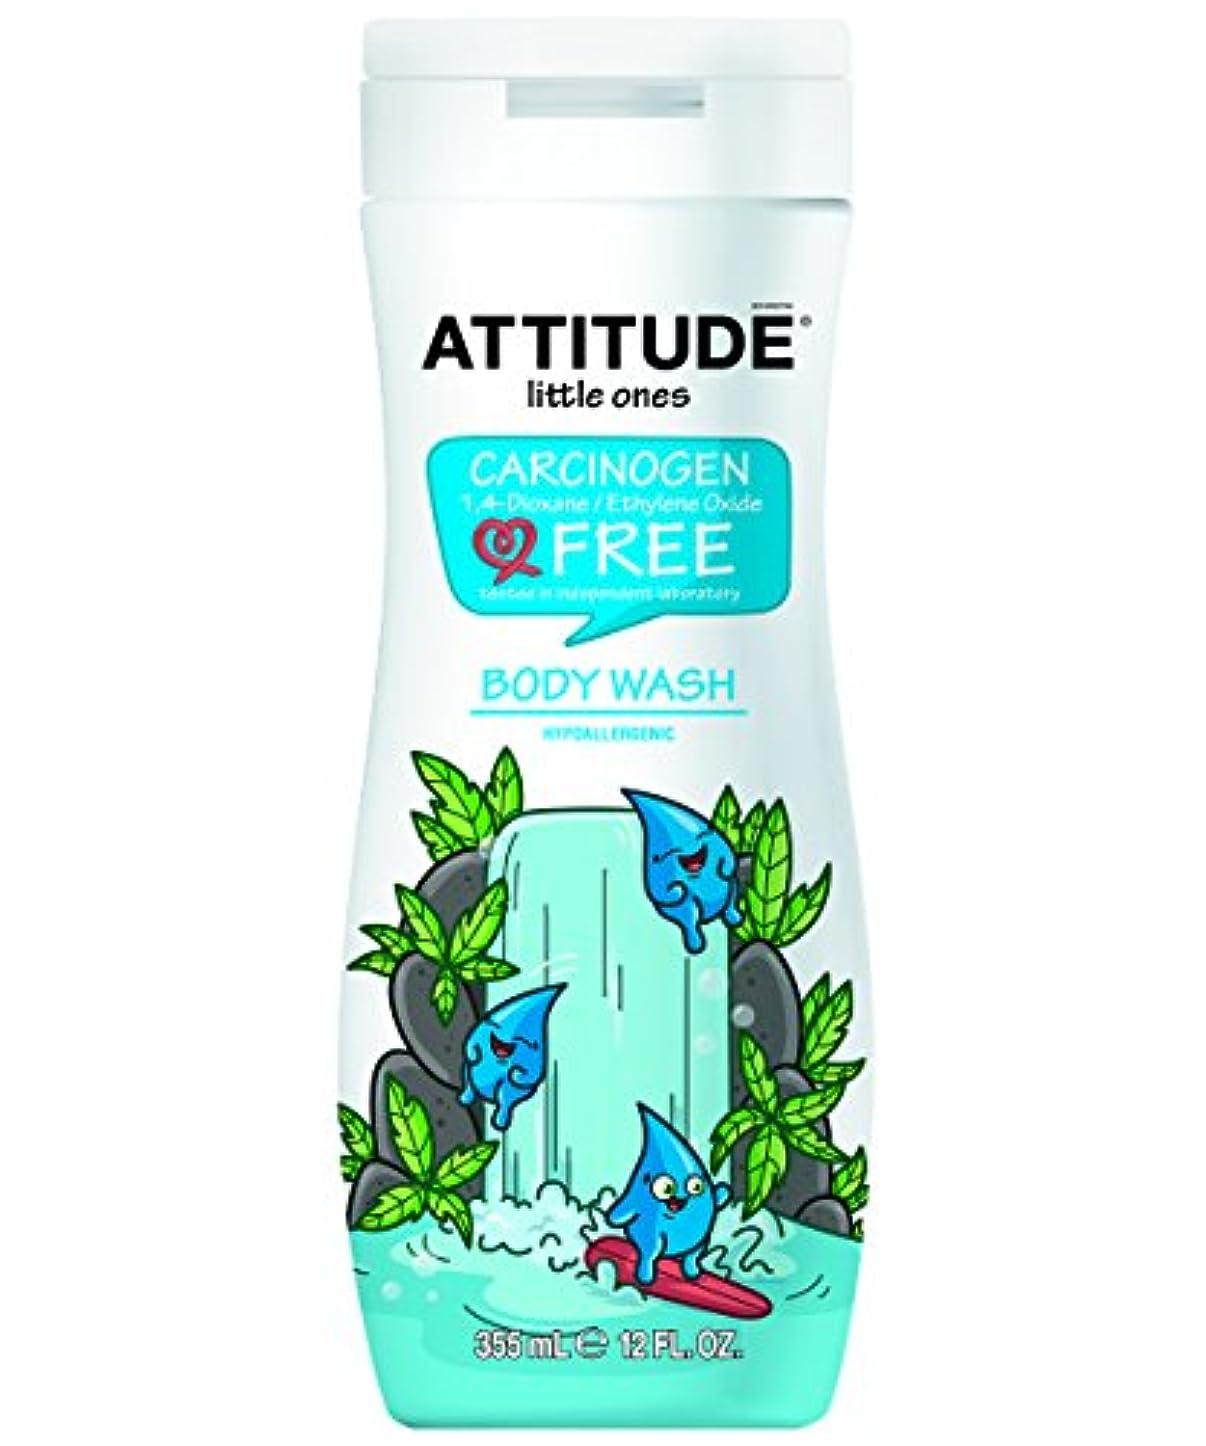 見捨てる安価な飛行場Attitude Eco Kids Hypoallergenic Body Wash (355ml) 姿勢エコキッズ低刺激性ボディウォッシュ( 355ミリリットル)